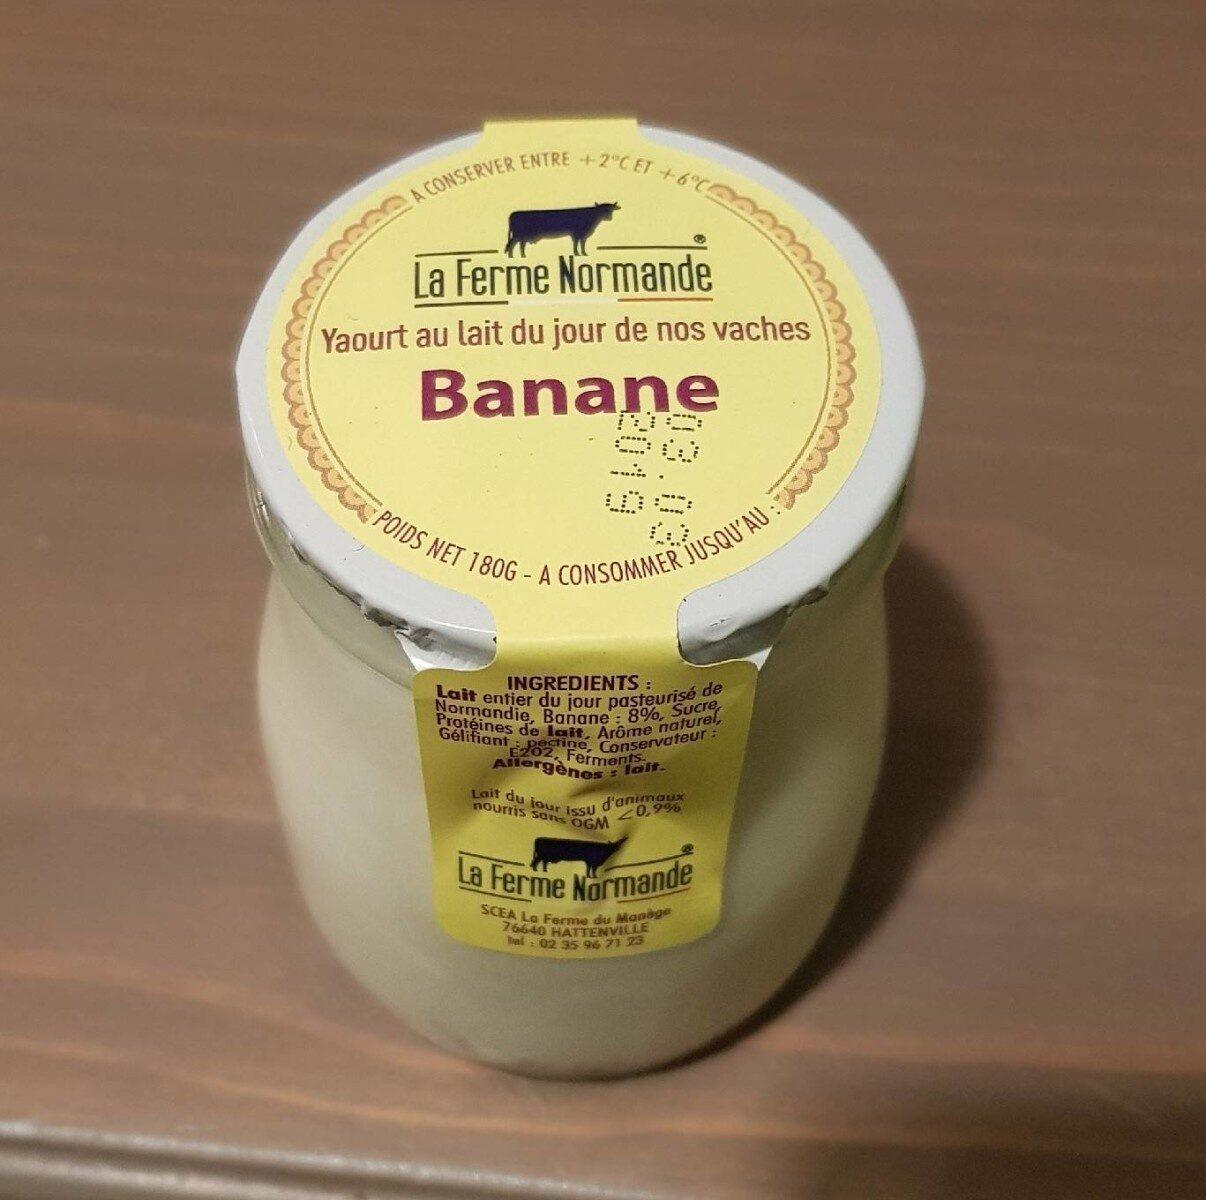 Yaourt au lait du jour de nos vaches - Prodotto - fr